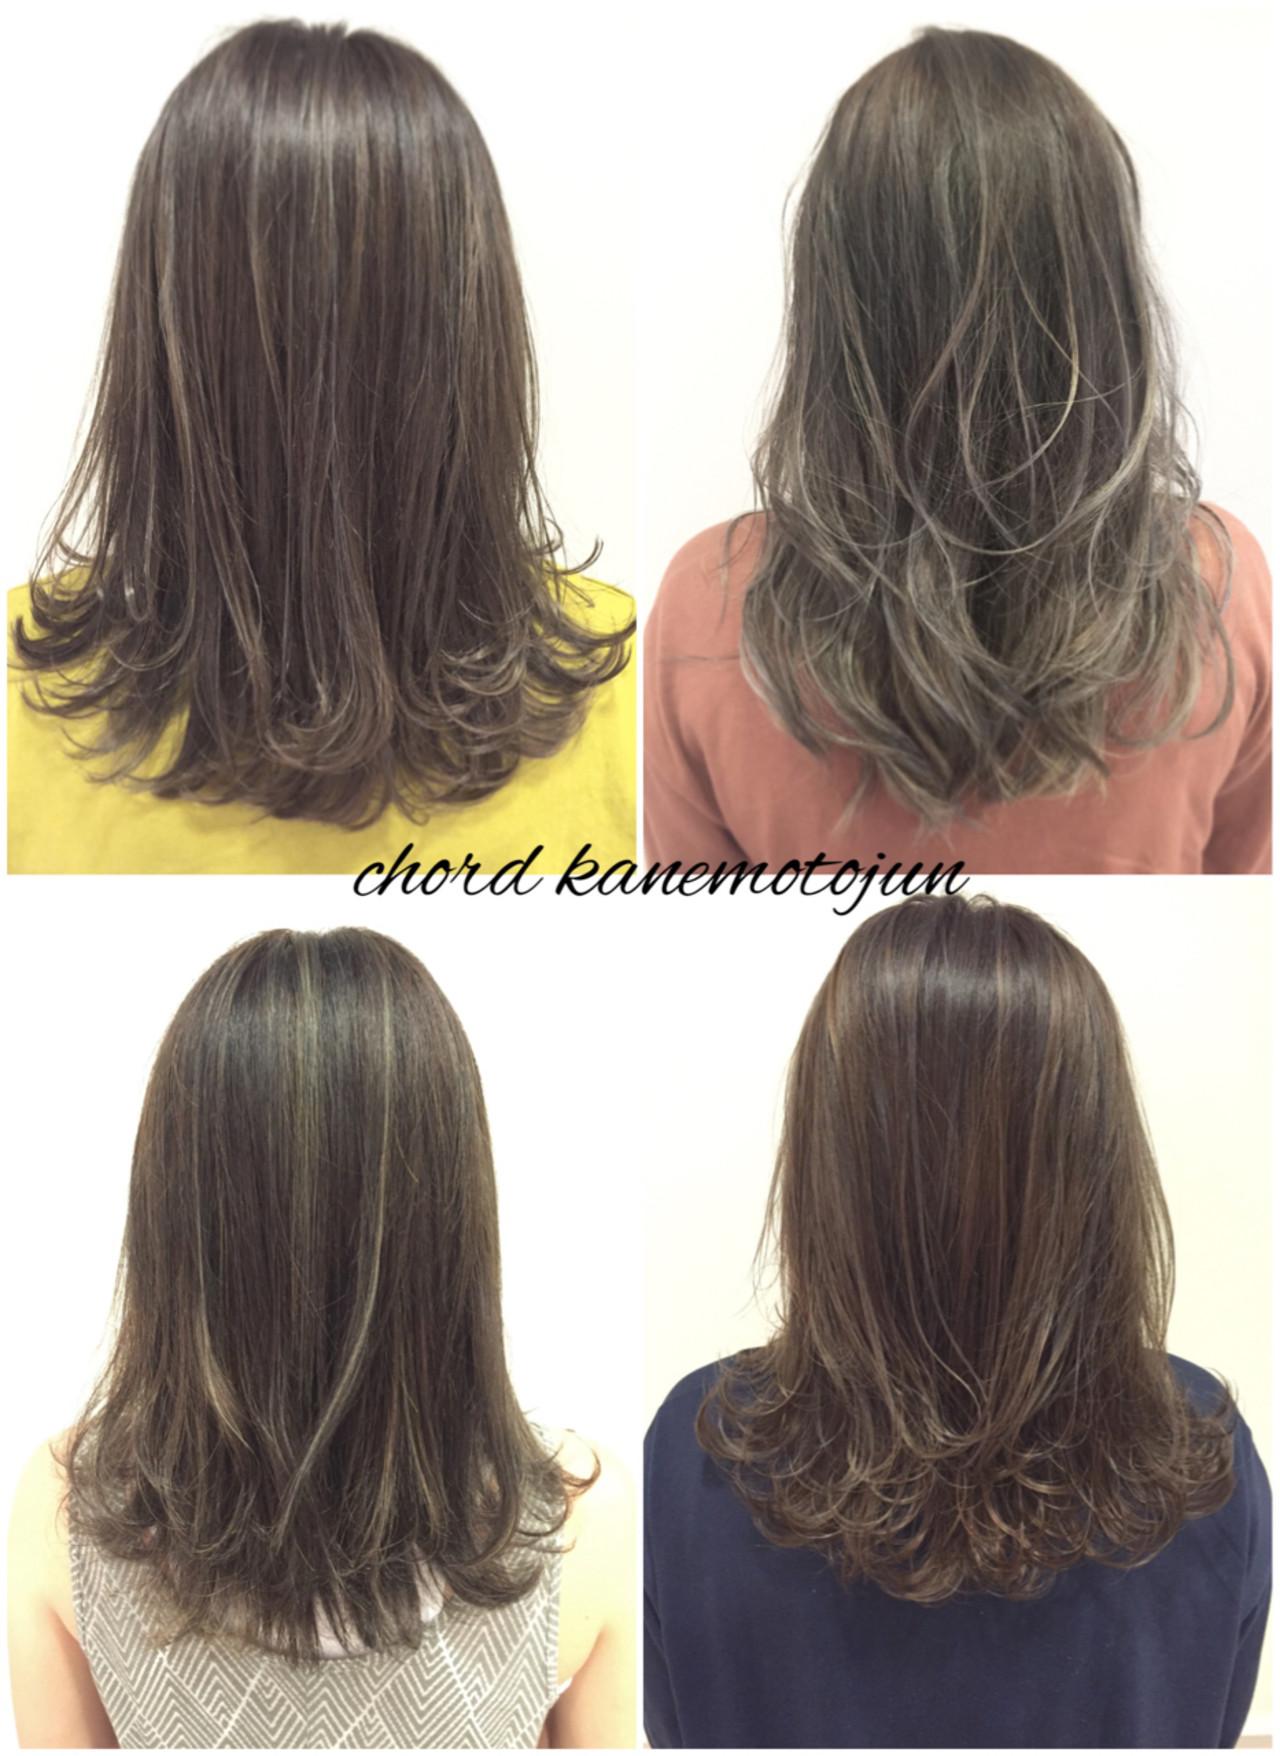 外国人風 グラデーションカラー セミロング アッシュヘアスタイルや髪型の写真・画像